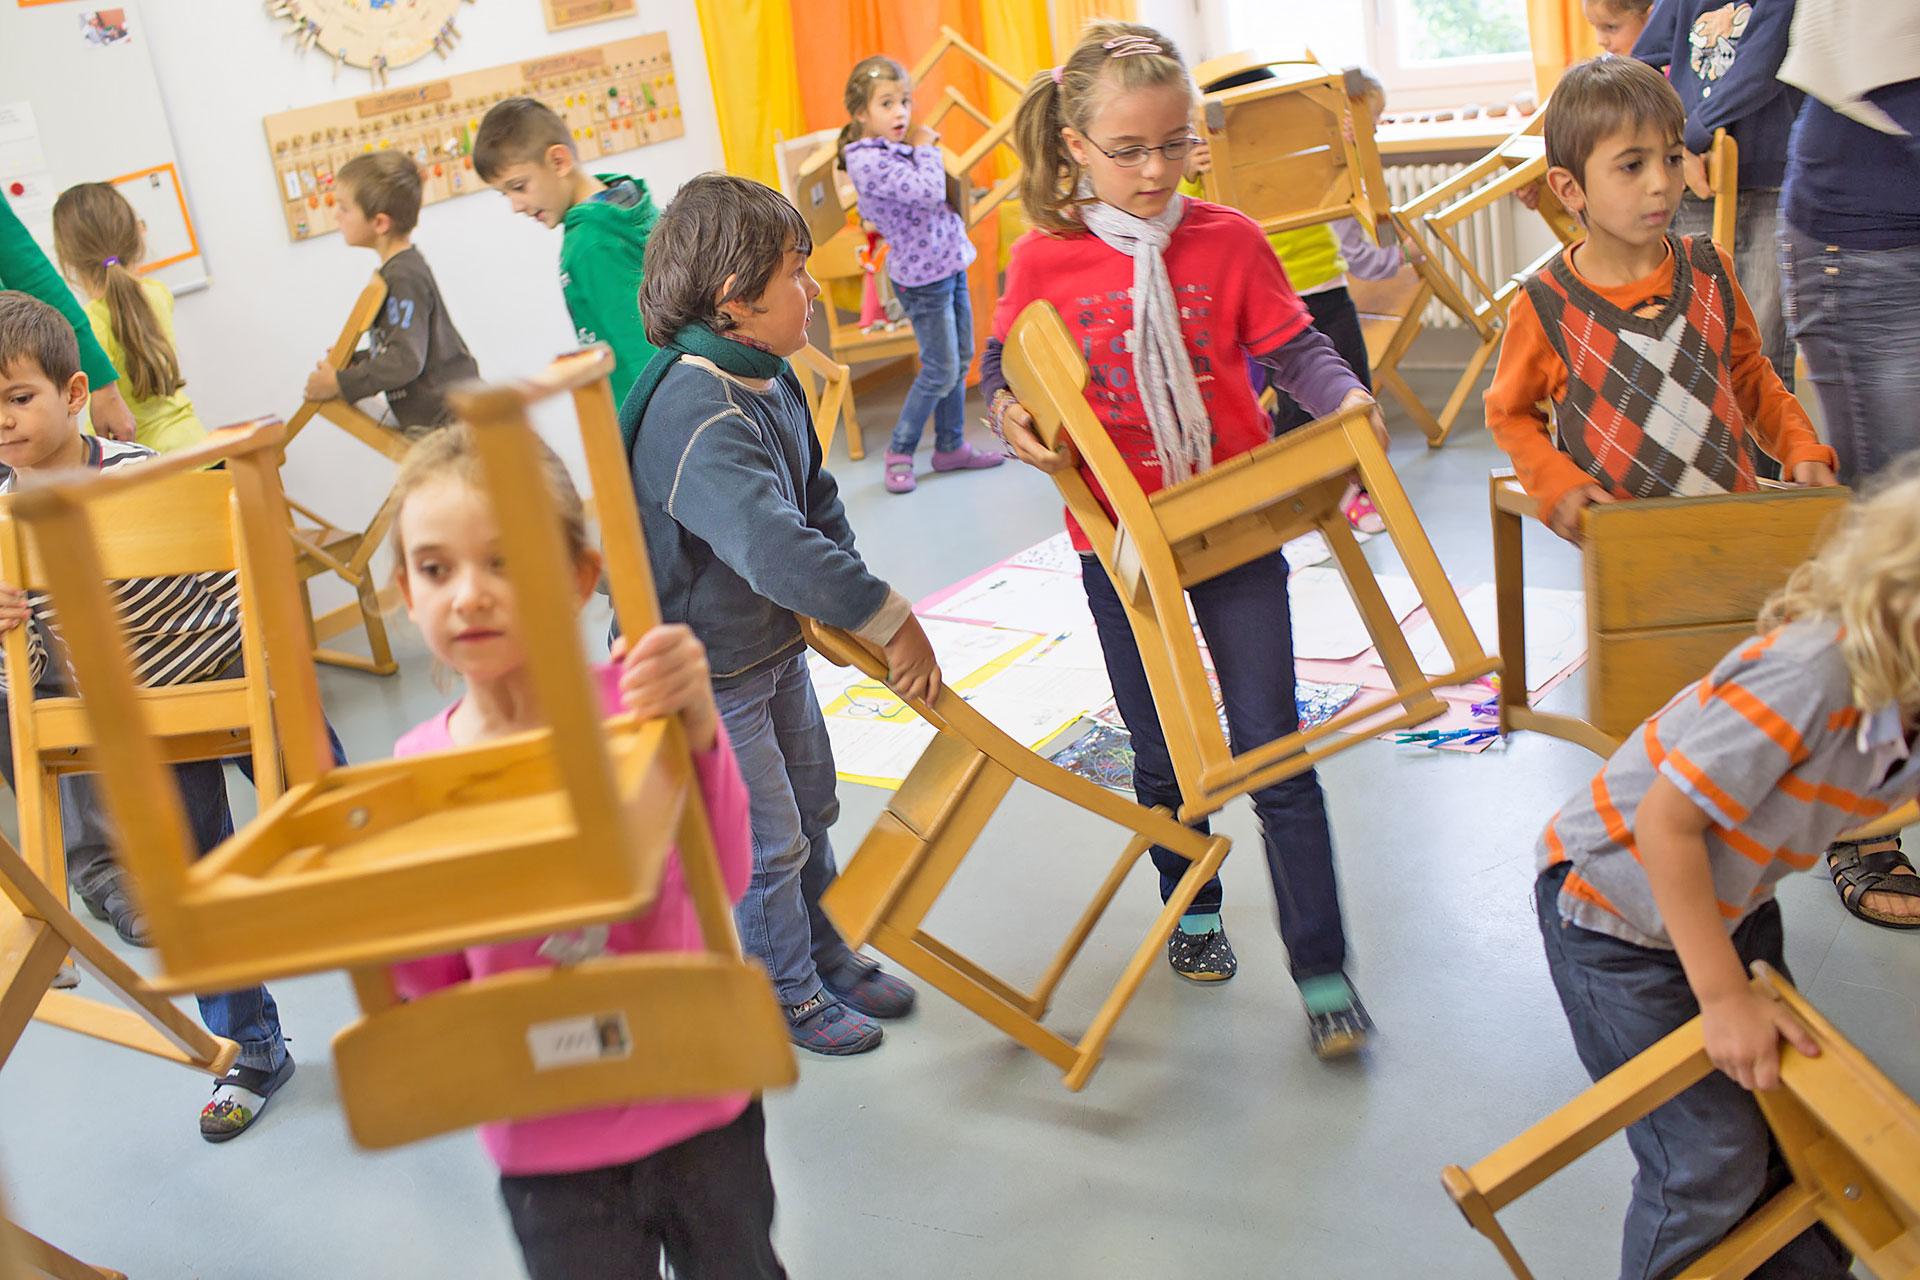 Kinder im Kindergarten räumen ihre Stühle auf die Seite